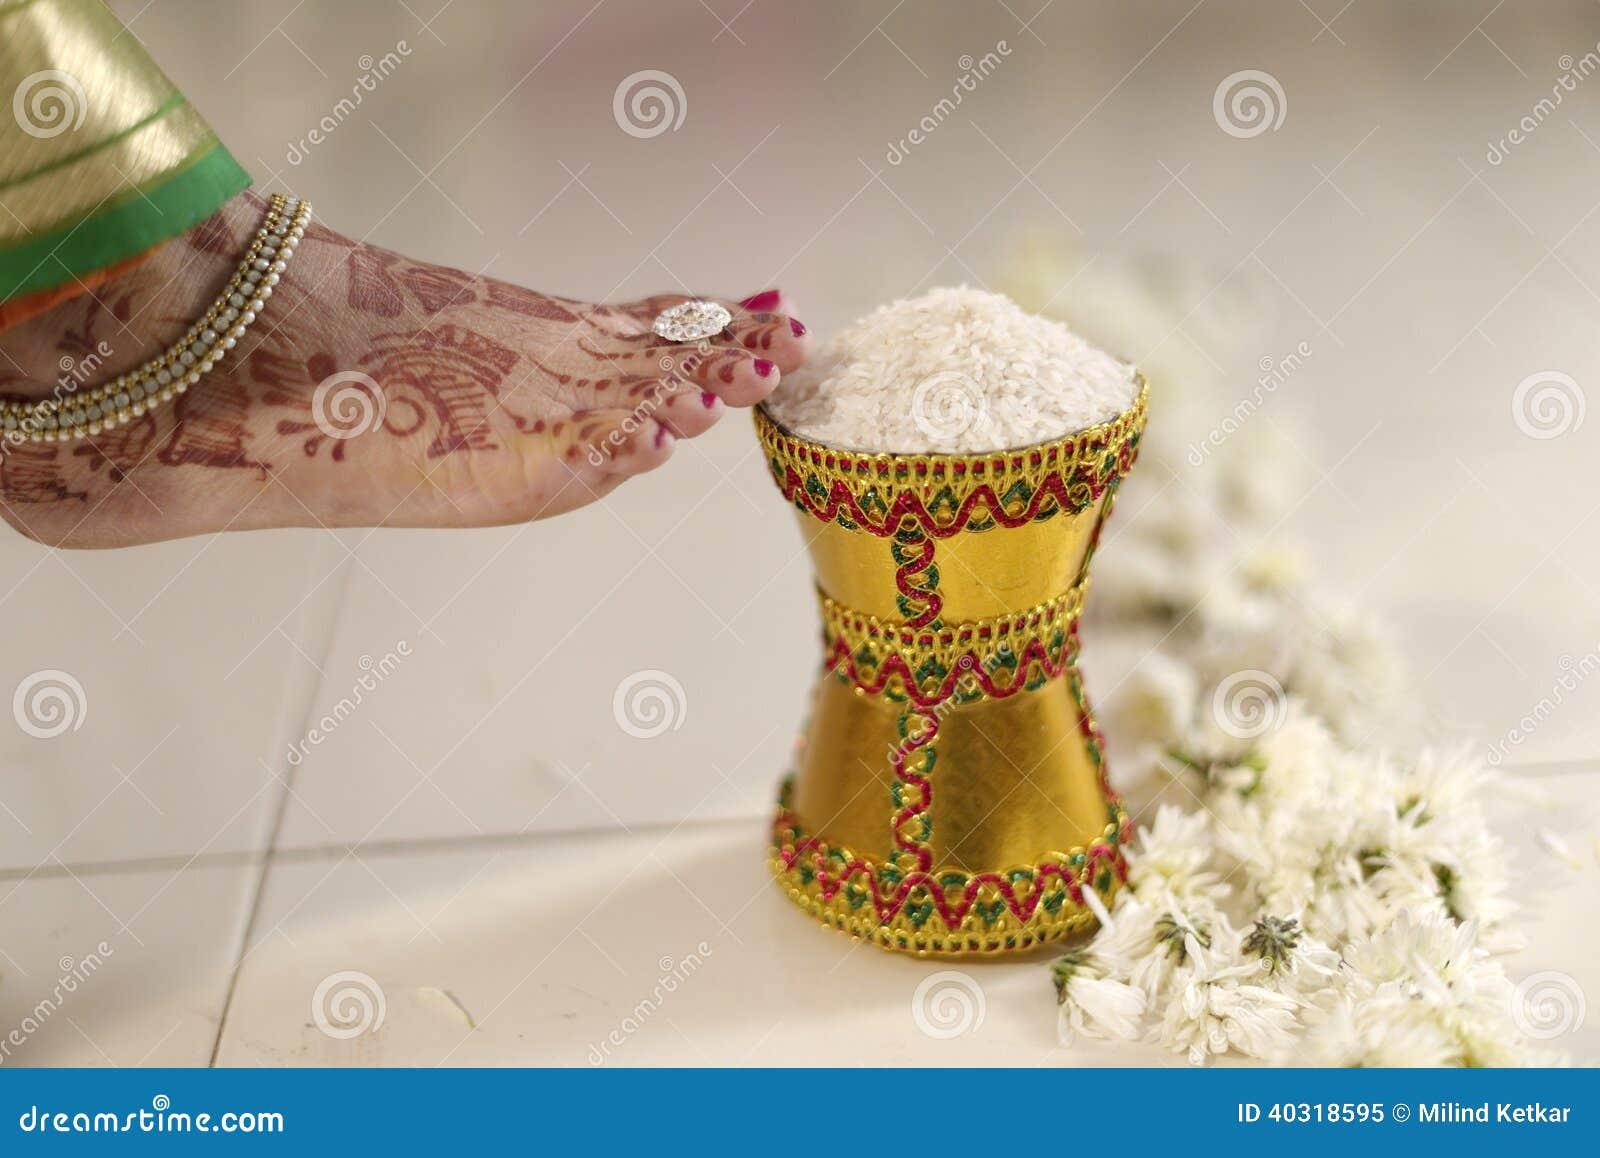 La maison du marié entrant de jeune mariée indoue indienne après l avoir épousé en poussant le pot a rempli du riz avec son pied.